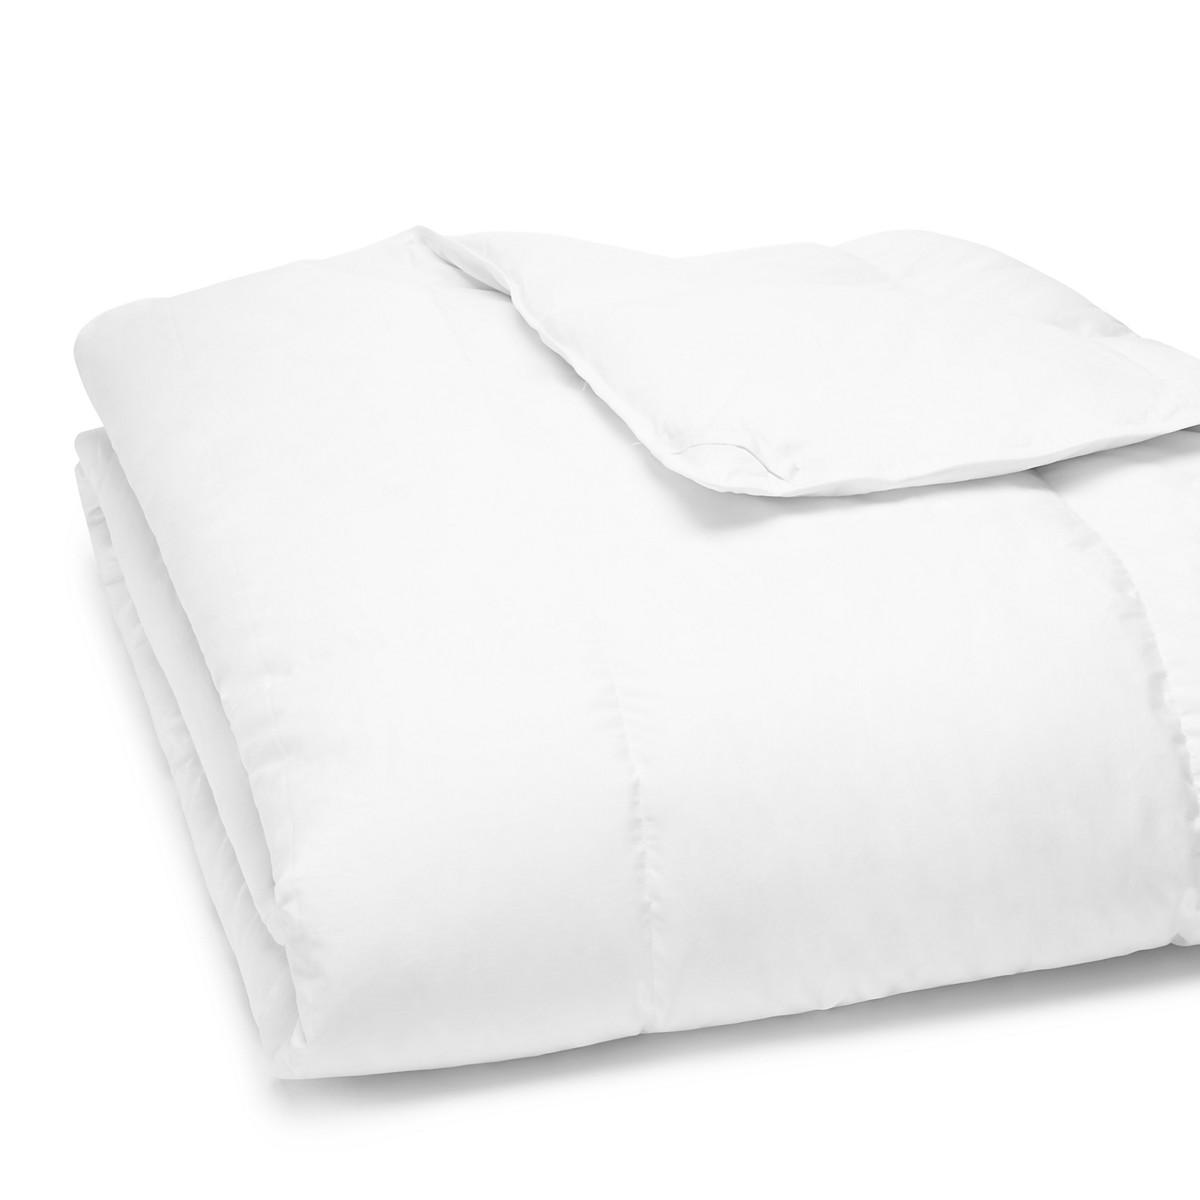 comforters layer queen usm sharpen wid comp shop resmode tif product moon op fpx lauren s comforter pdpimgshortdescription bloomingdale full phoebe qlt half ralph bloomingdales bay